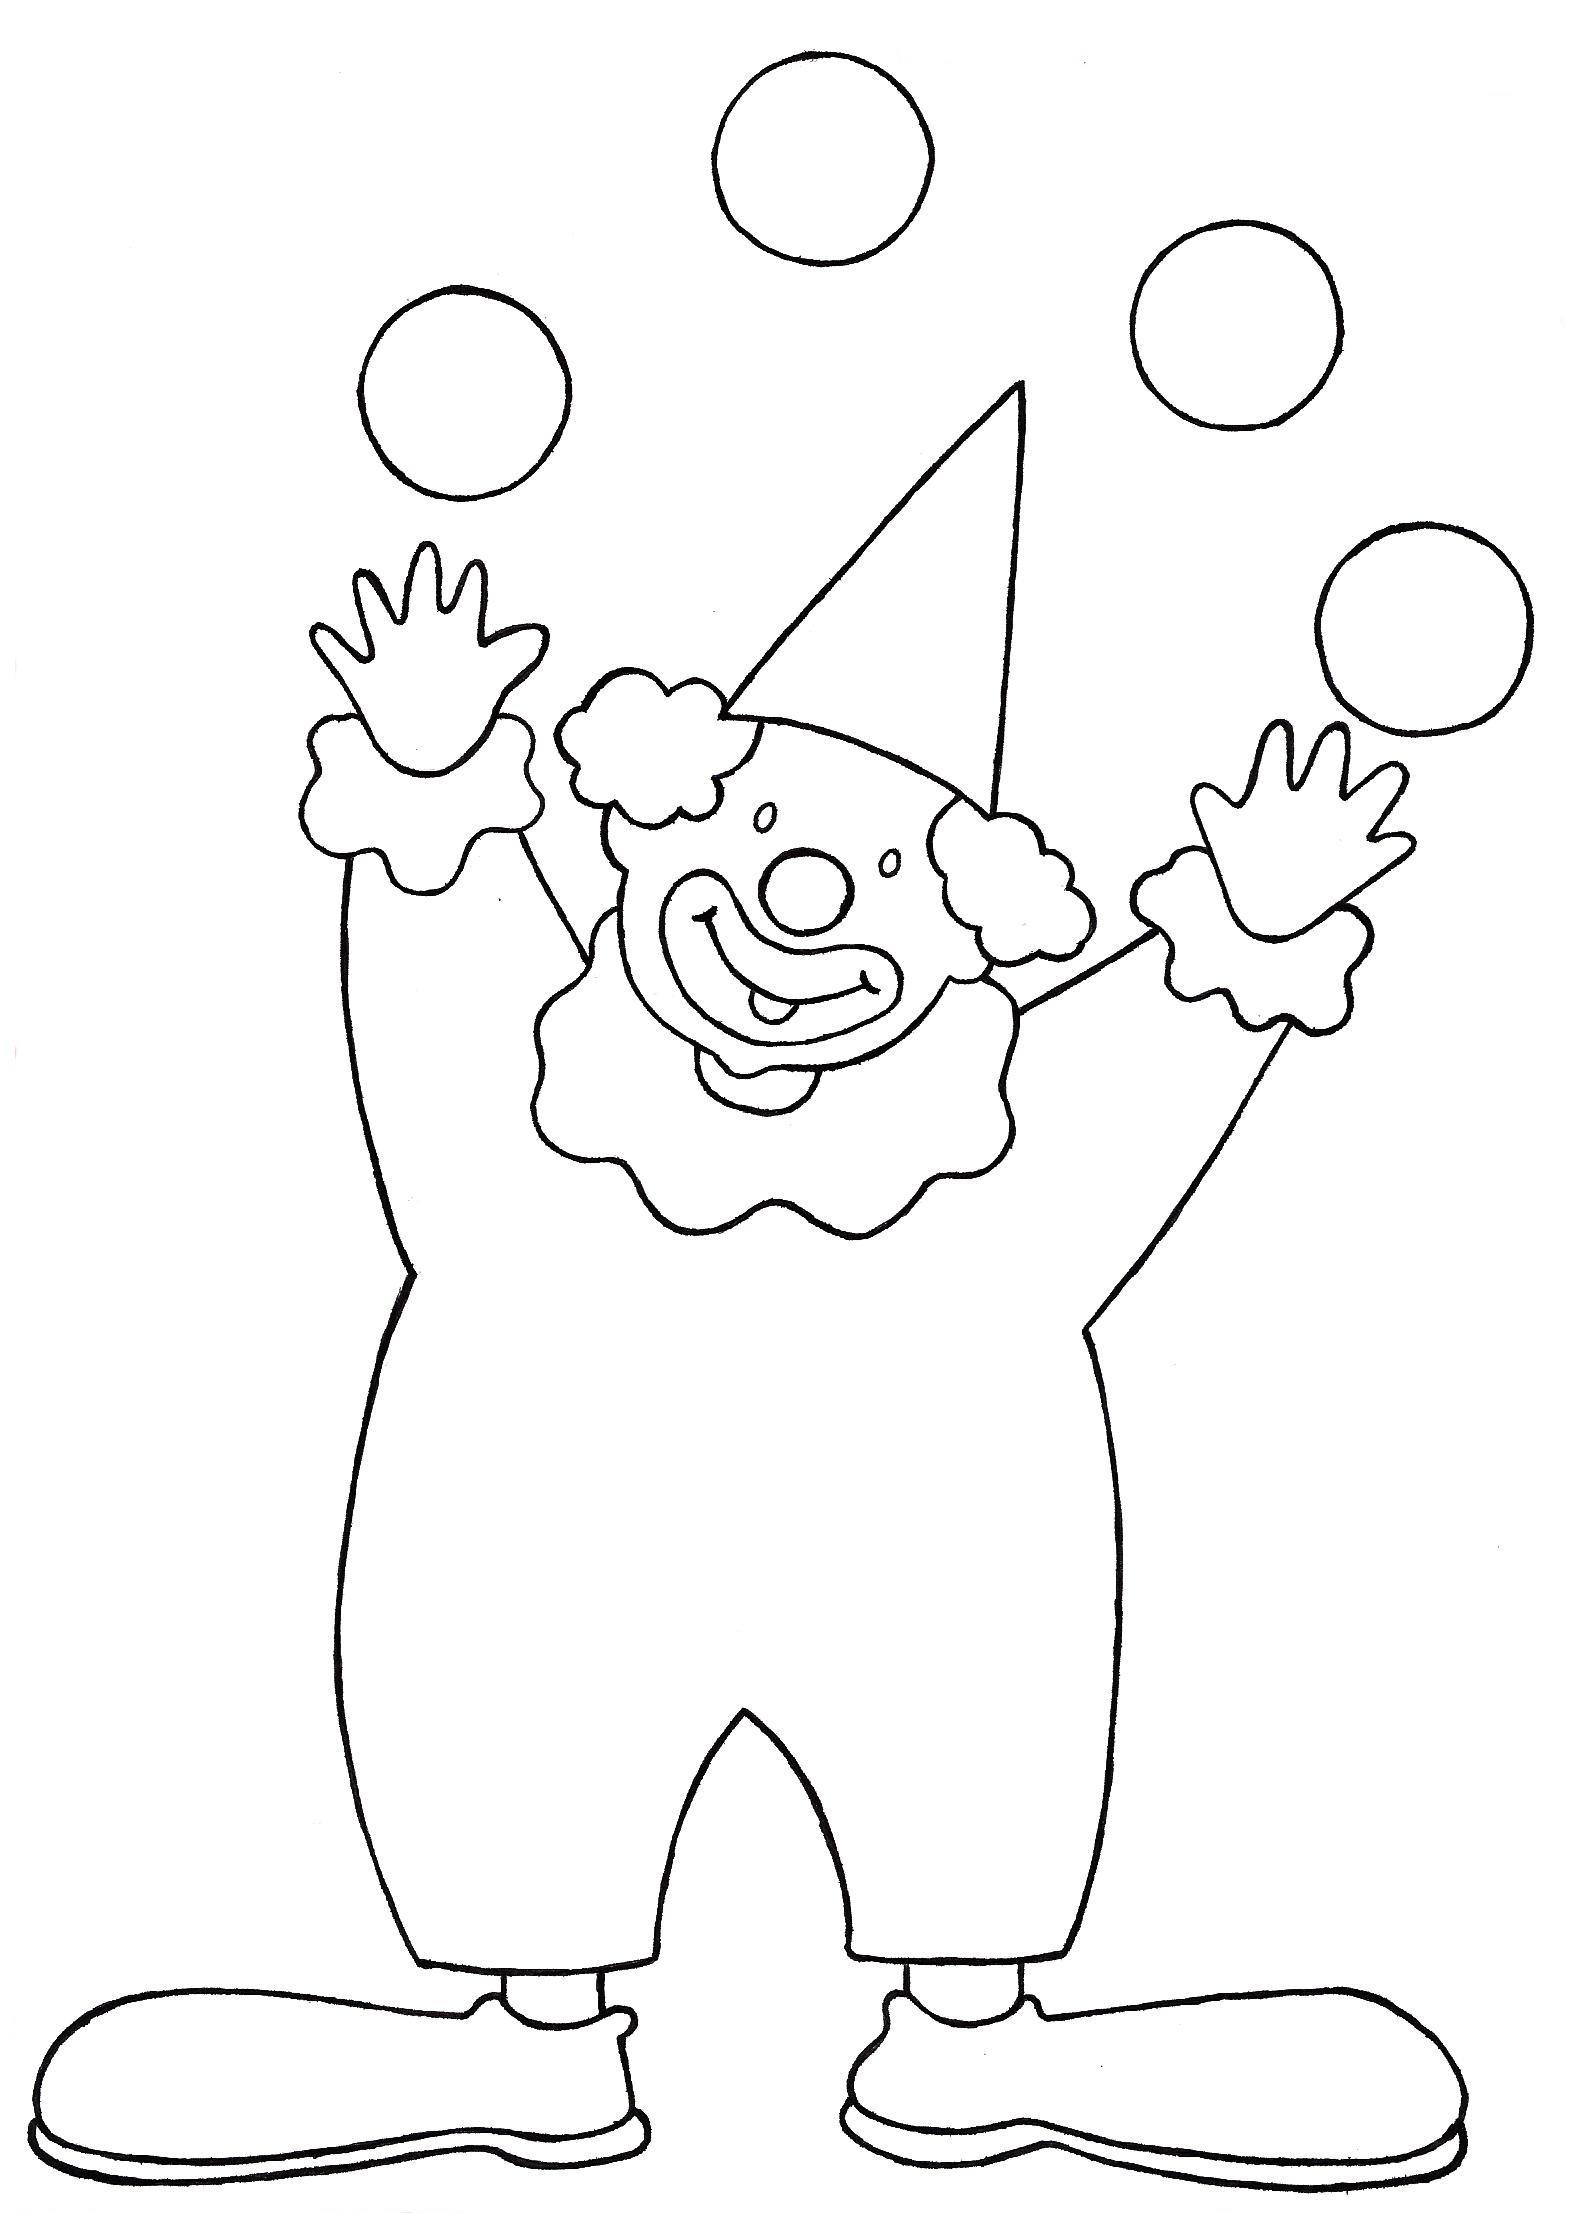 Dessins Gratuits À Colorier - Coloriage Clown À Imprimer concernant Coloriage Clown A Imprimer